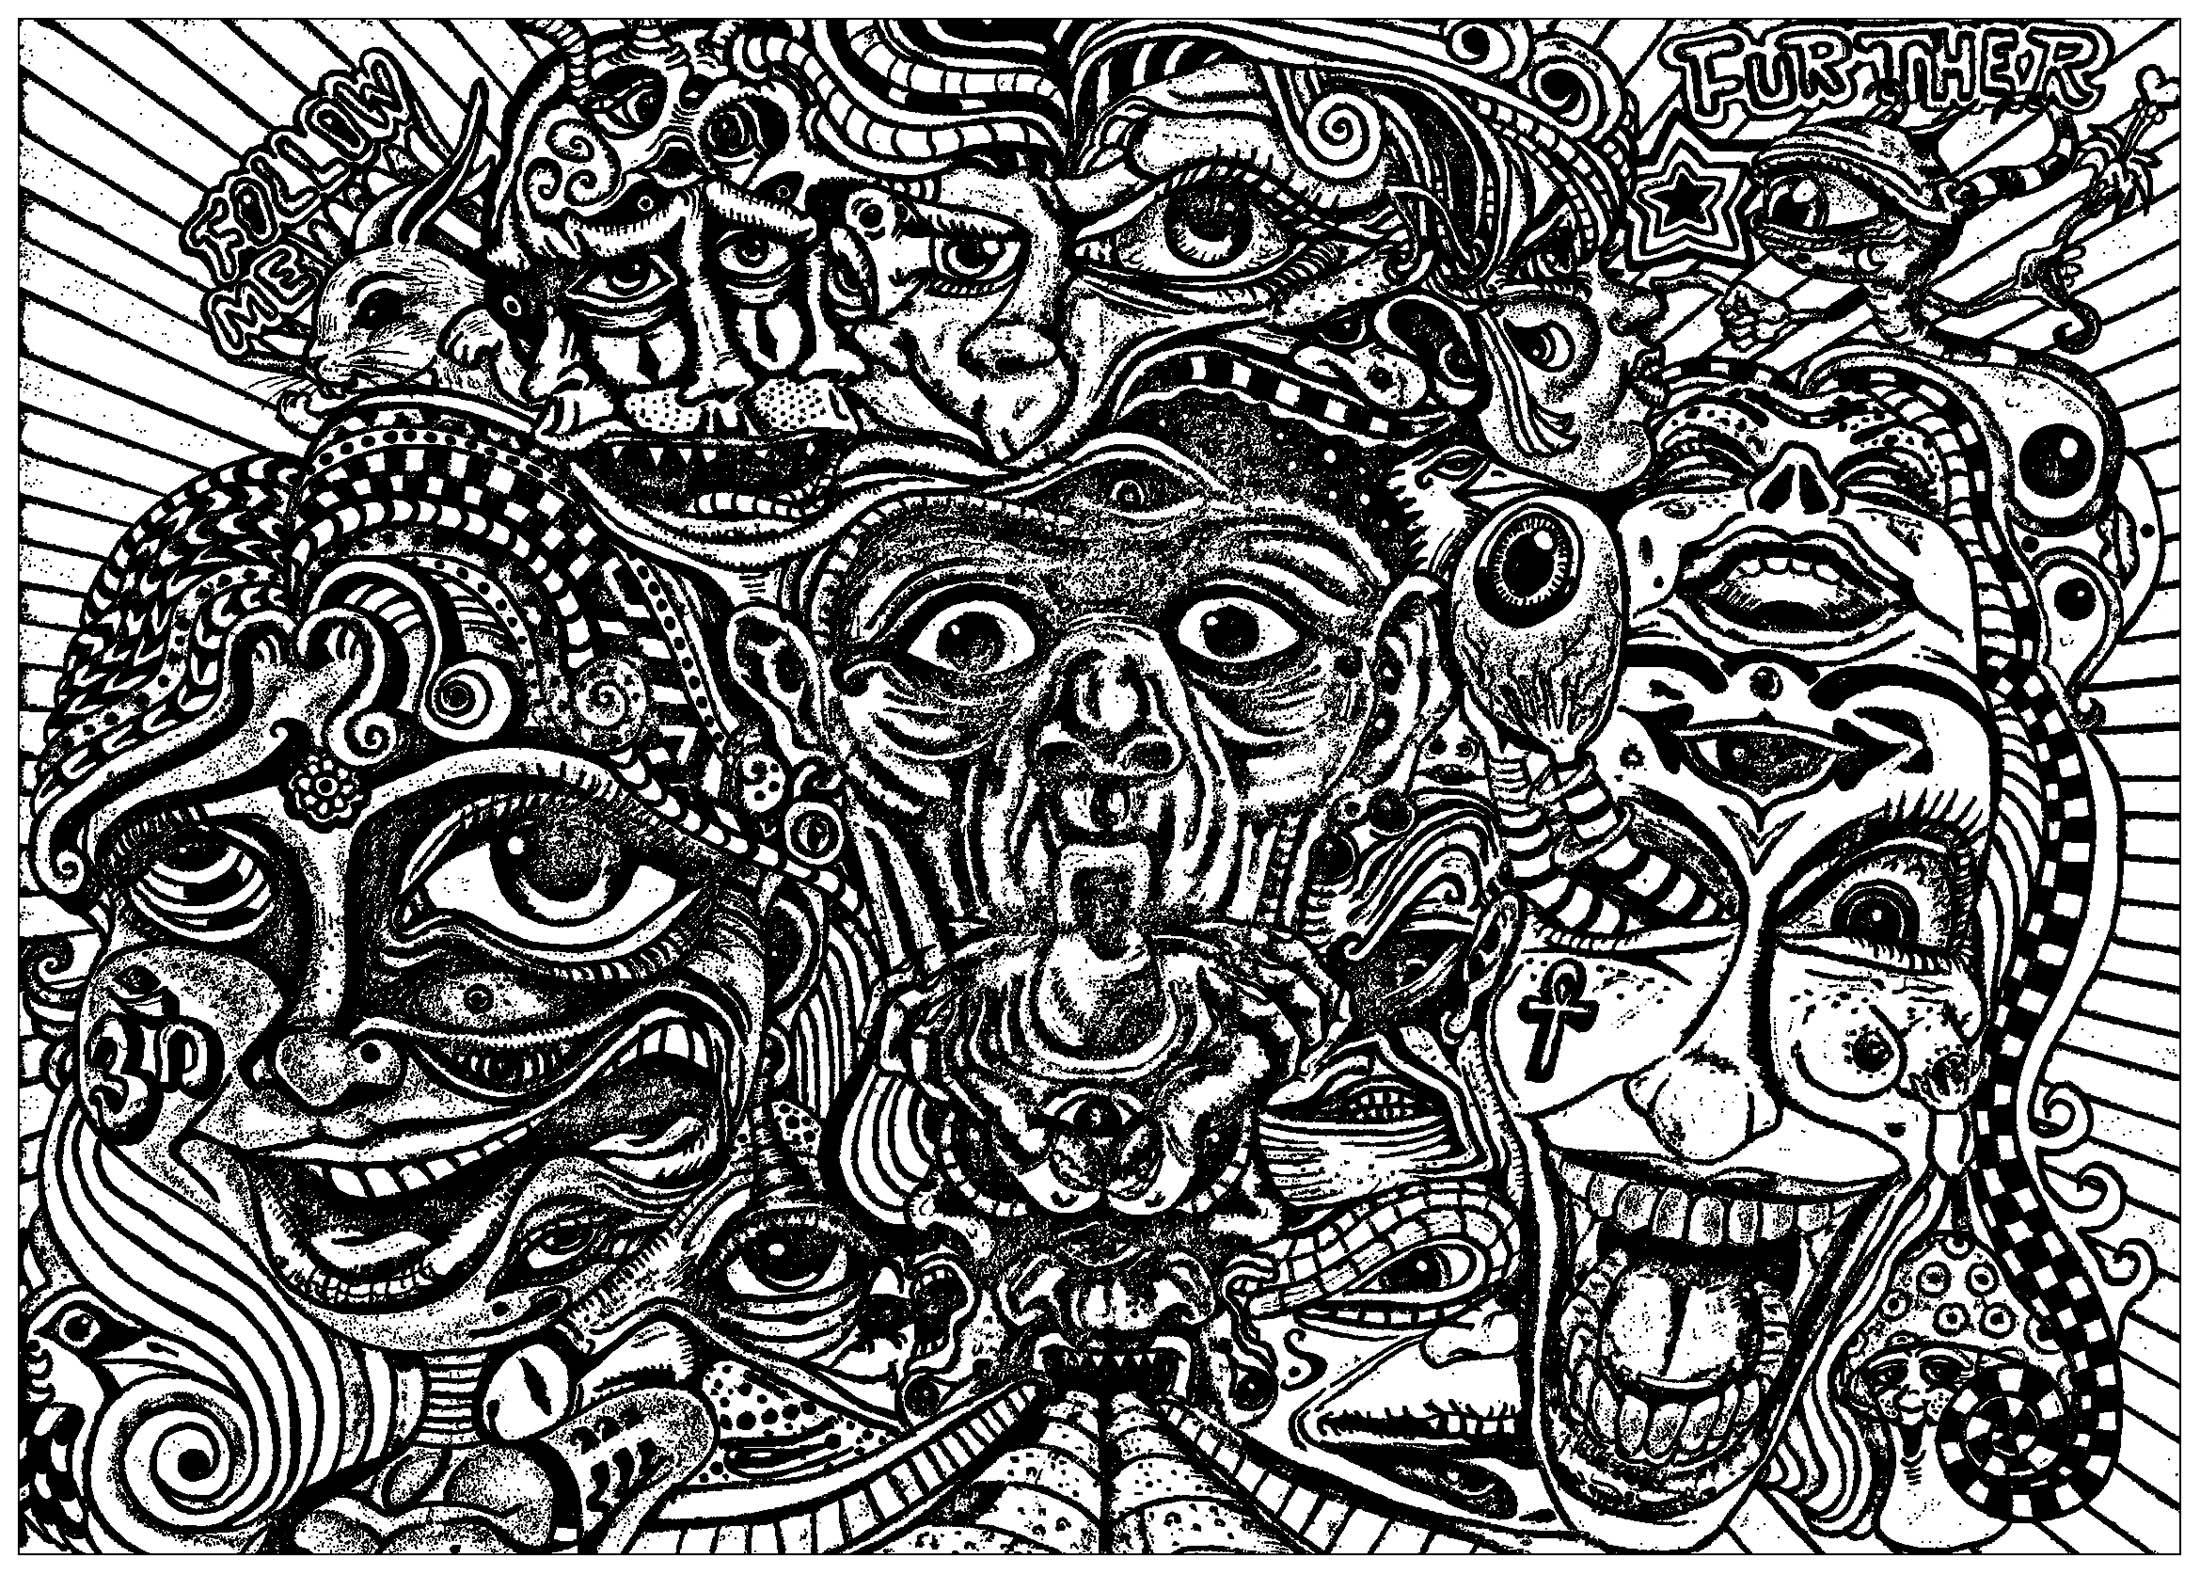 Visages psychédéliques